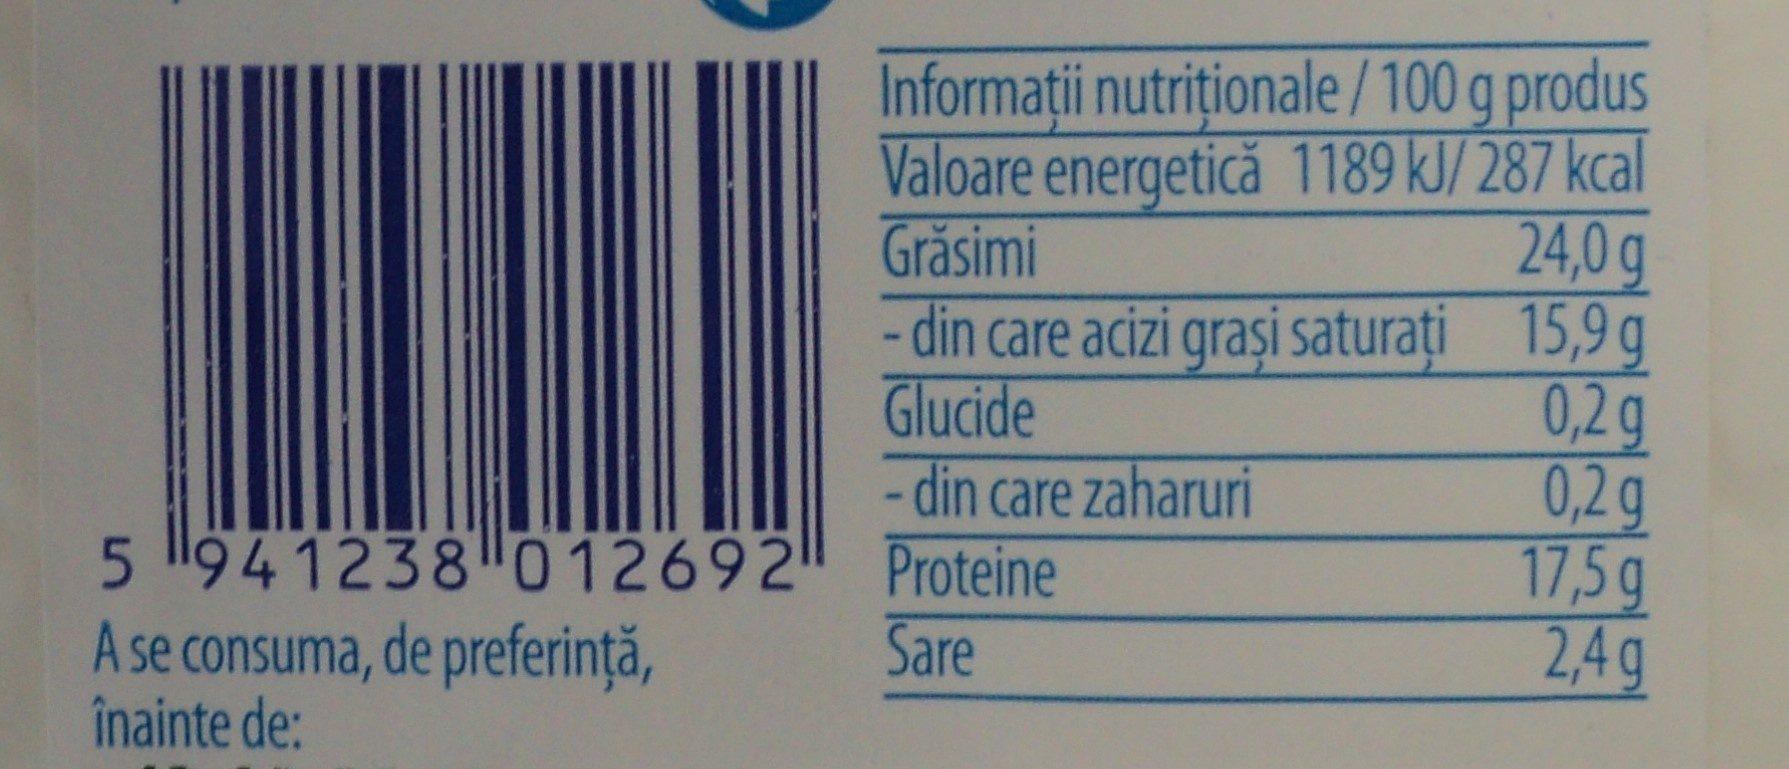 Hocland Feta din lapte de oaie si capra - Voedingswaarden - ro